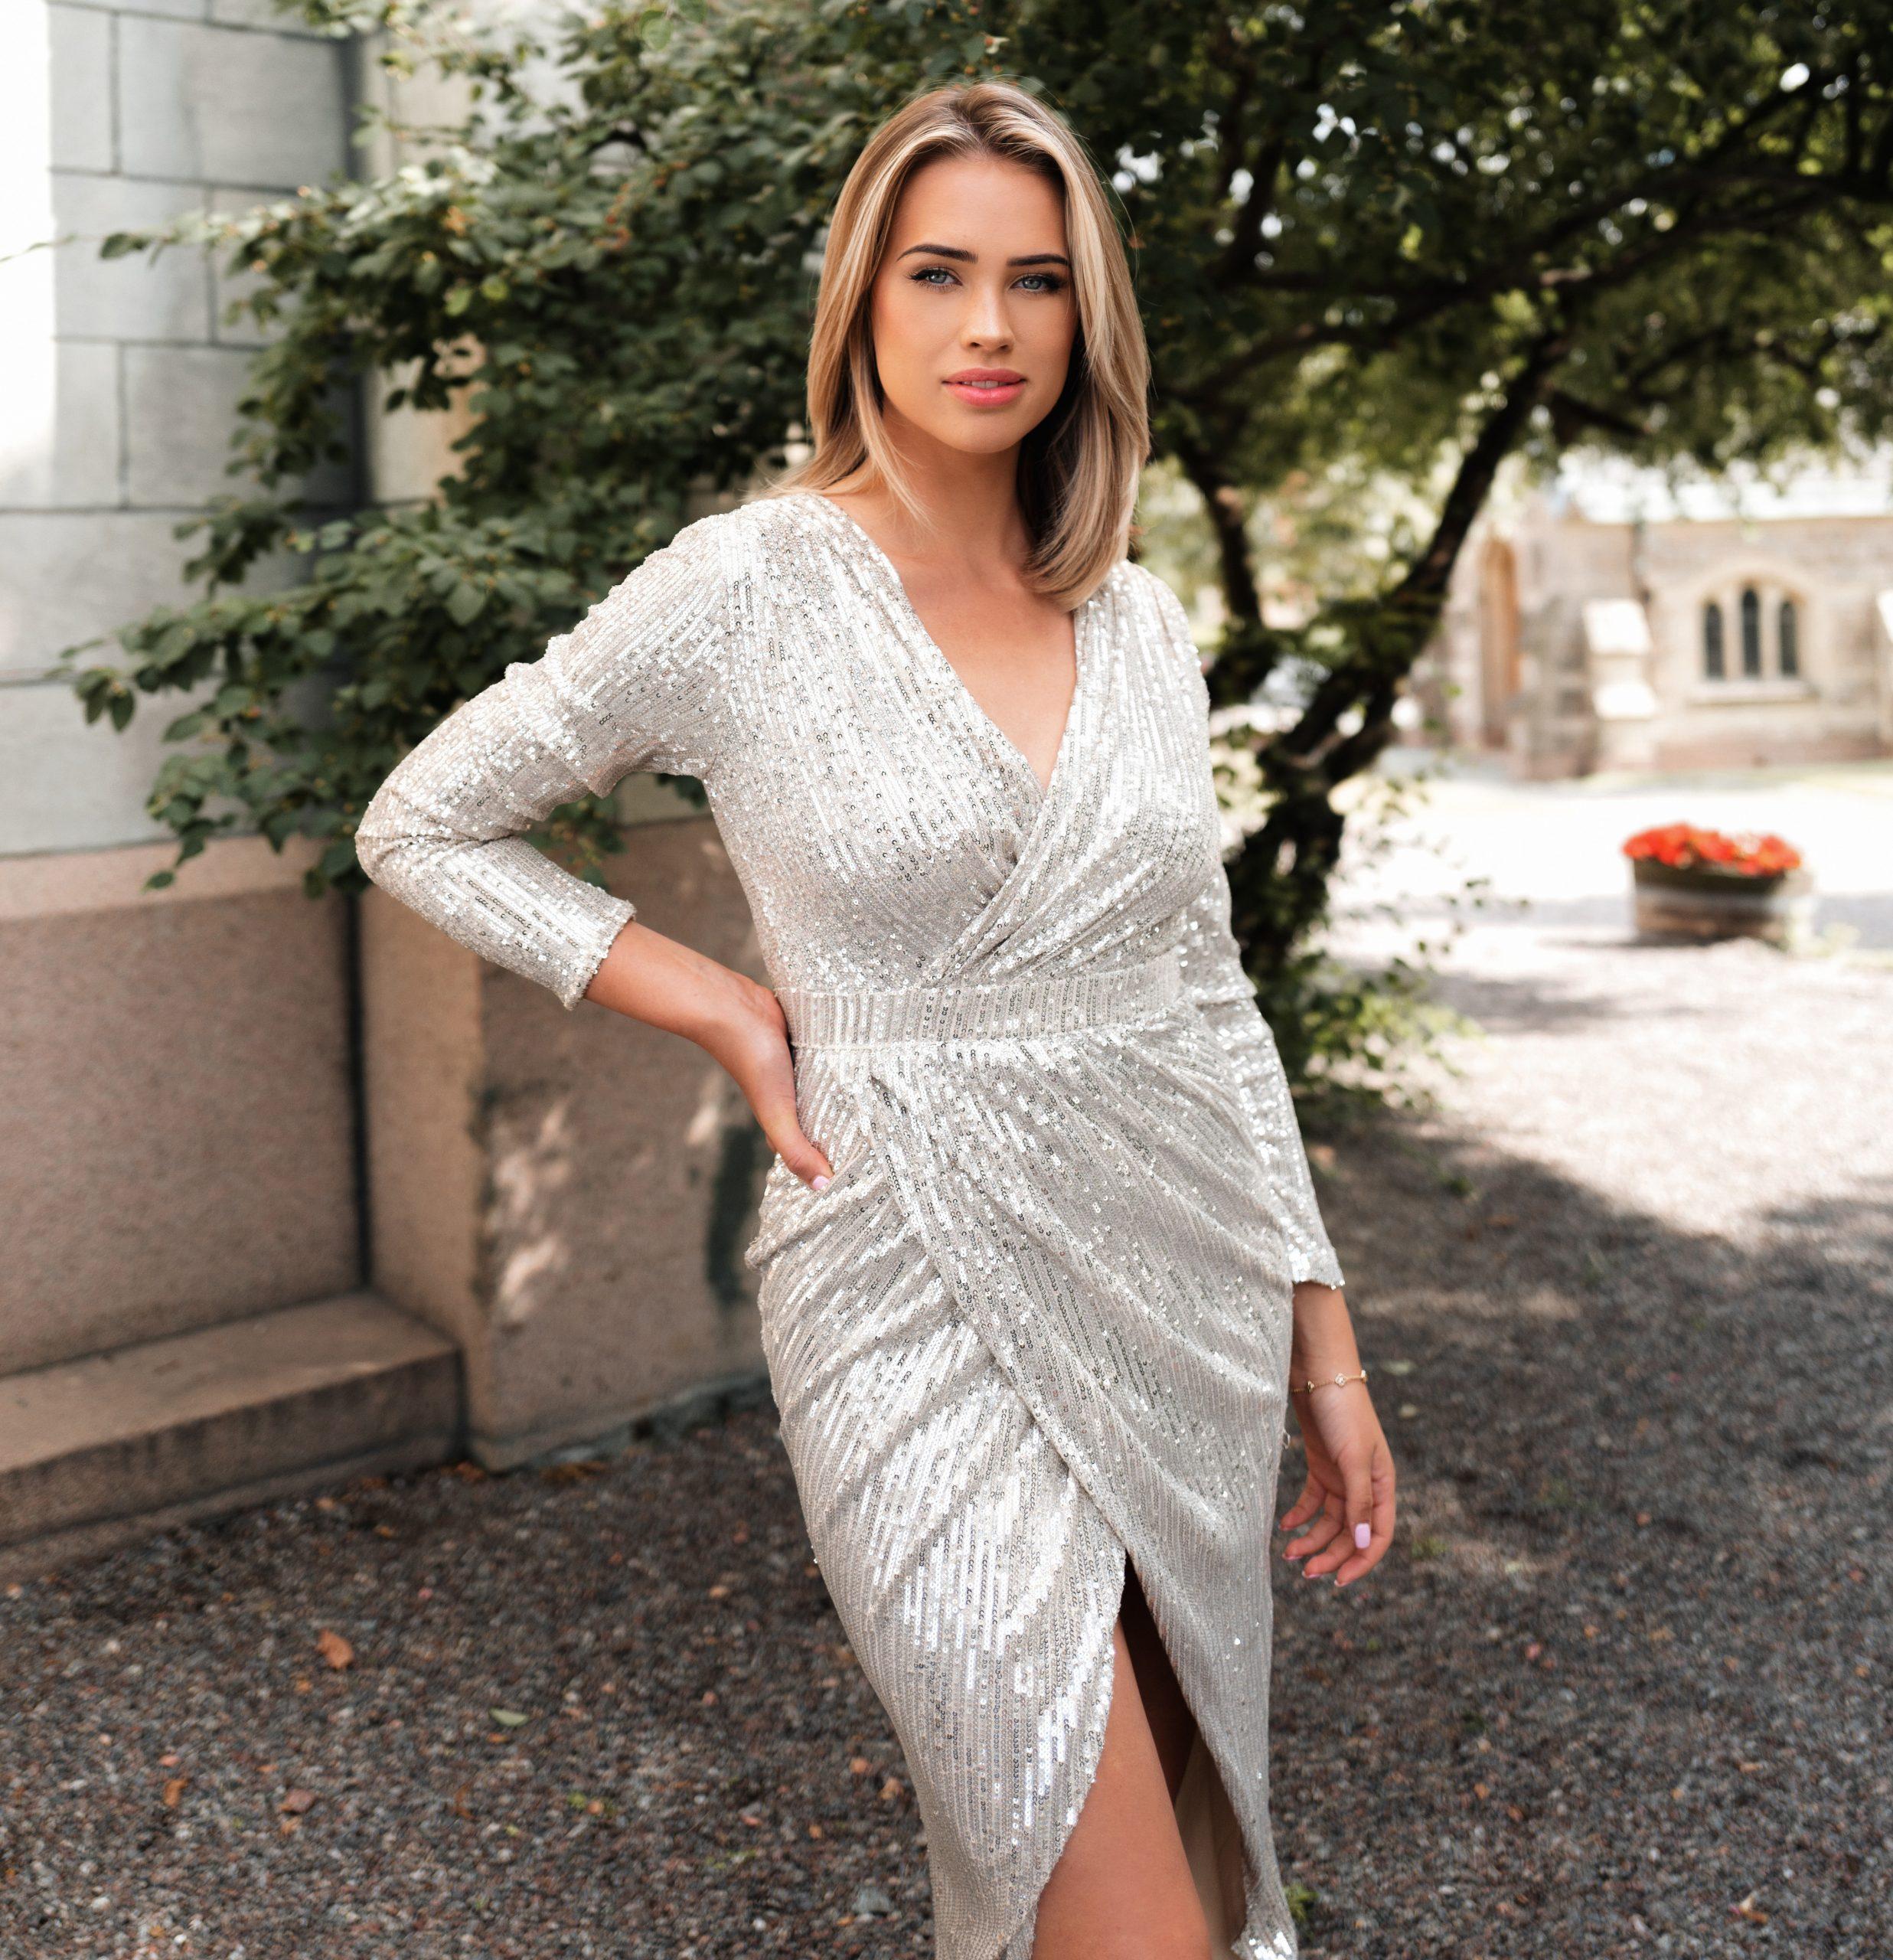 Exklusives Paillettenkleid In Silber  Martini Auf Dennis